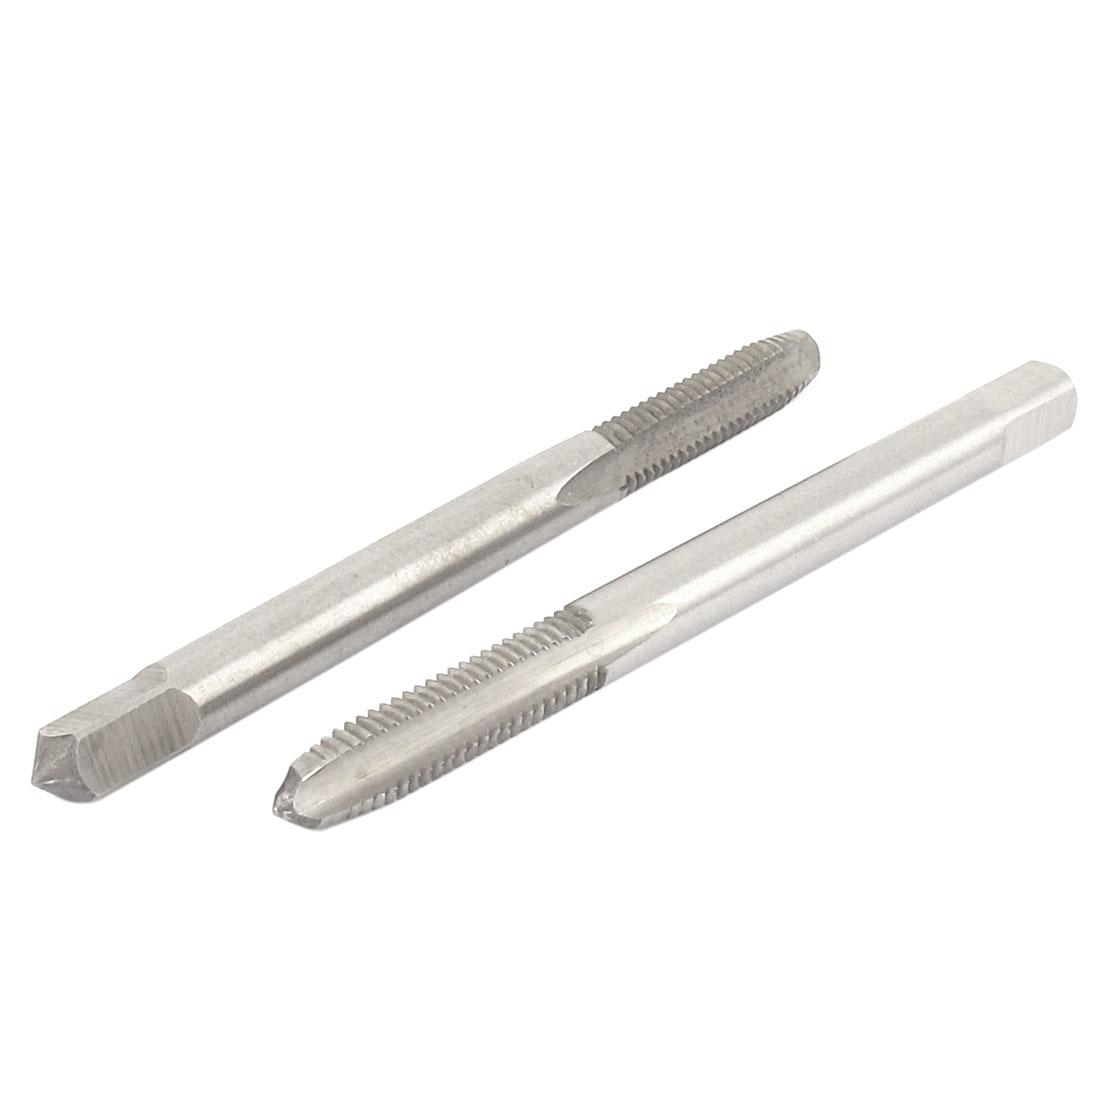 2 Pcs M5x0.8mm HSS 3 Flutes Metric Screw Hand Tap Thread Tools